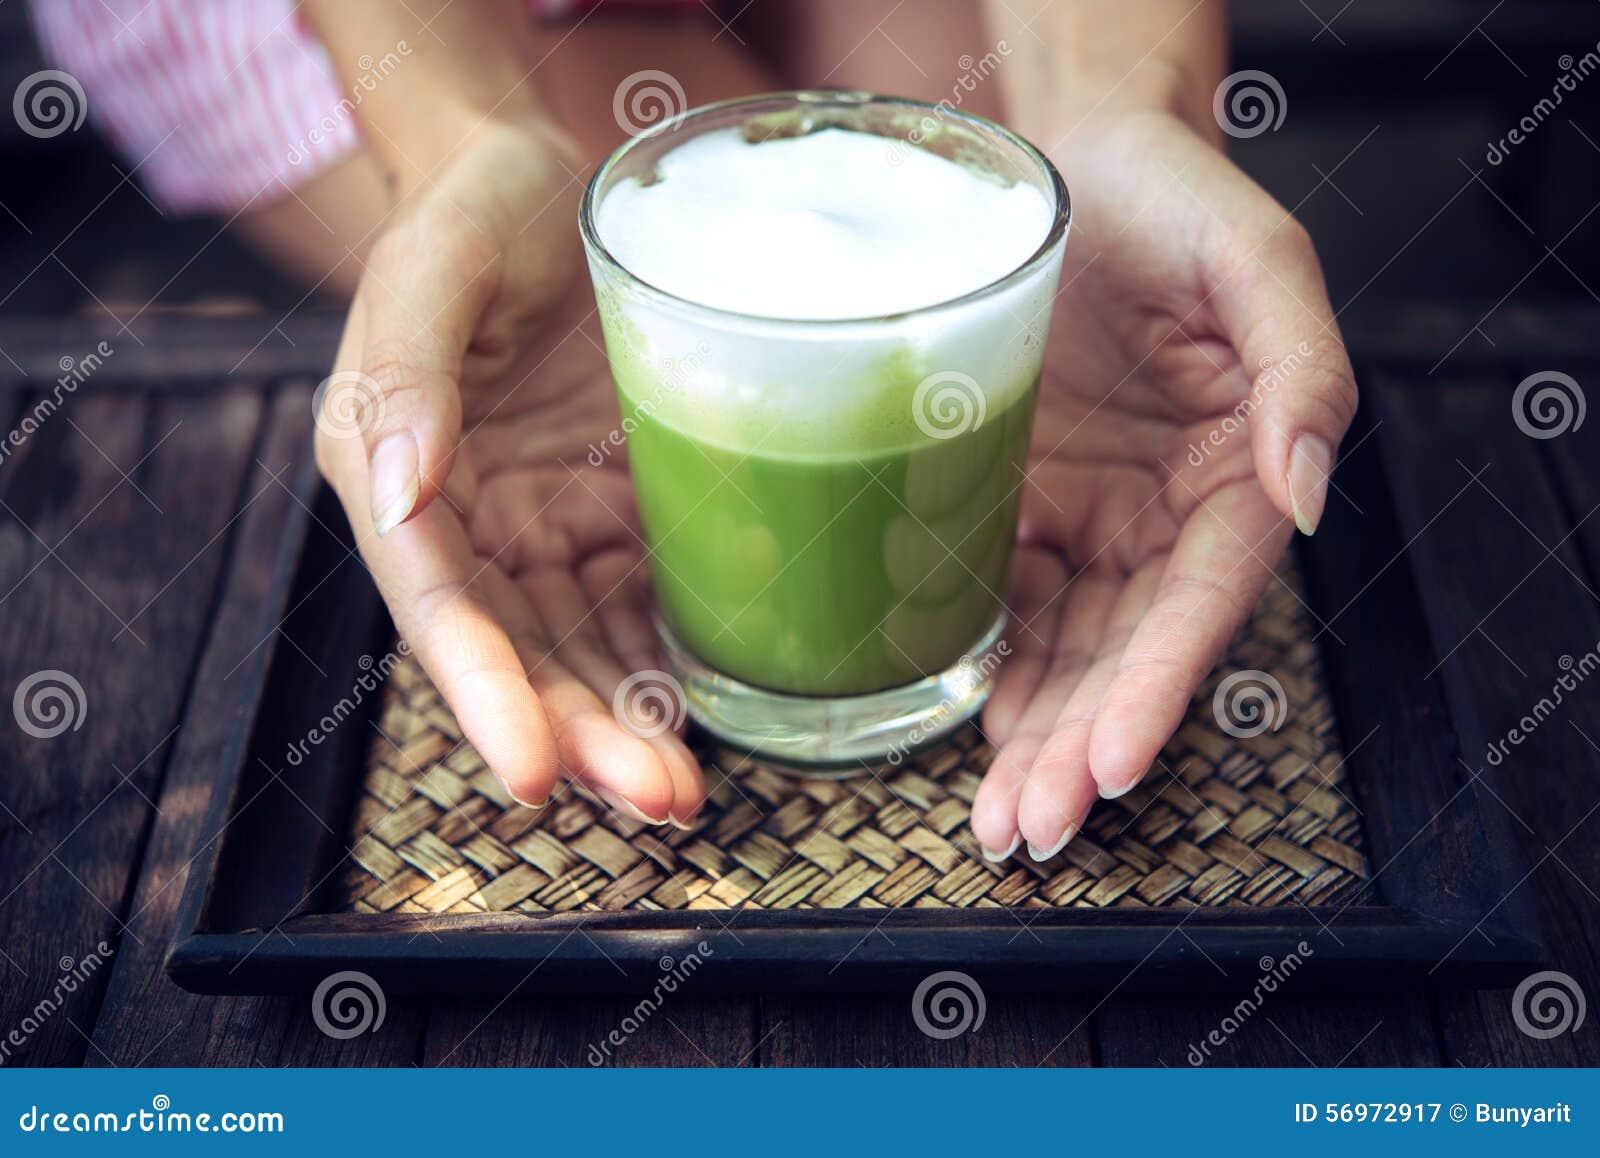 Frau Die Grüner Tee Matcha Latte Auf Holztisch Hält Stockbild